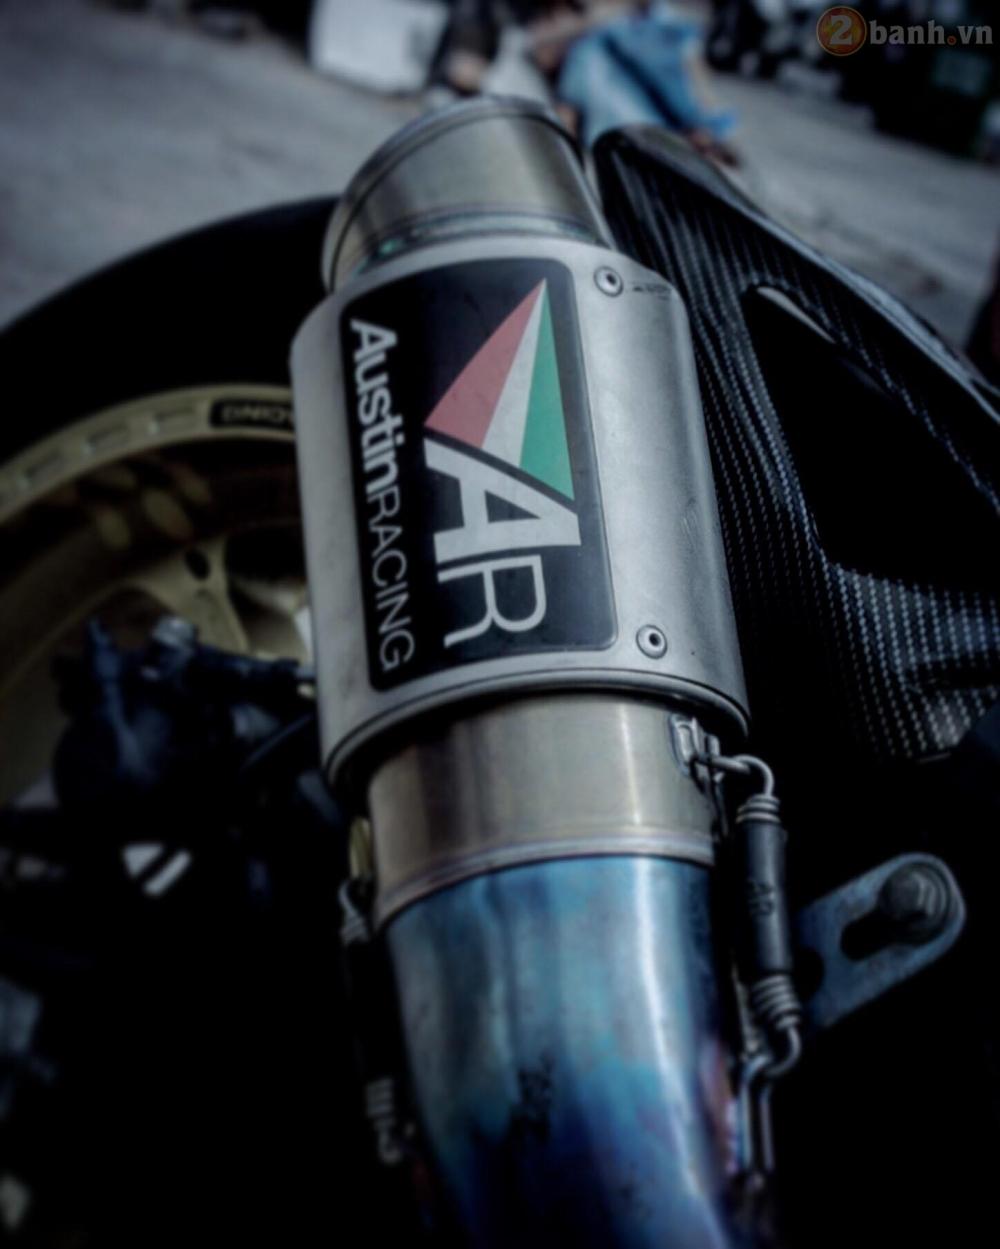 Kawasaki Ninja ZX10R 2016 do sieu khung cua biker Sai Thanh - 13